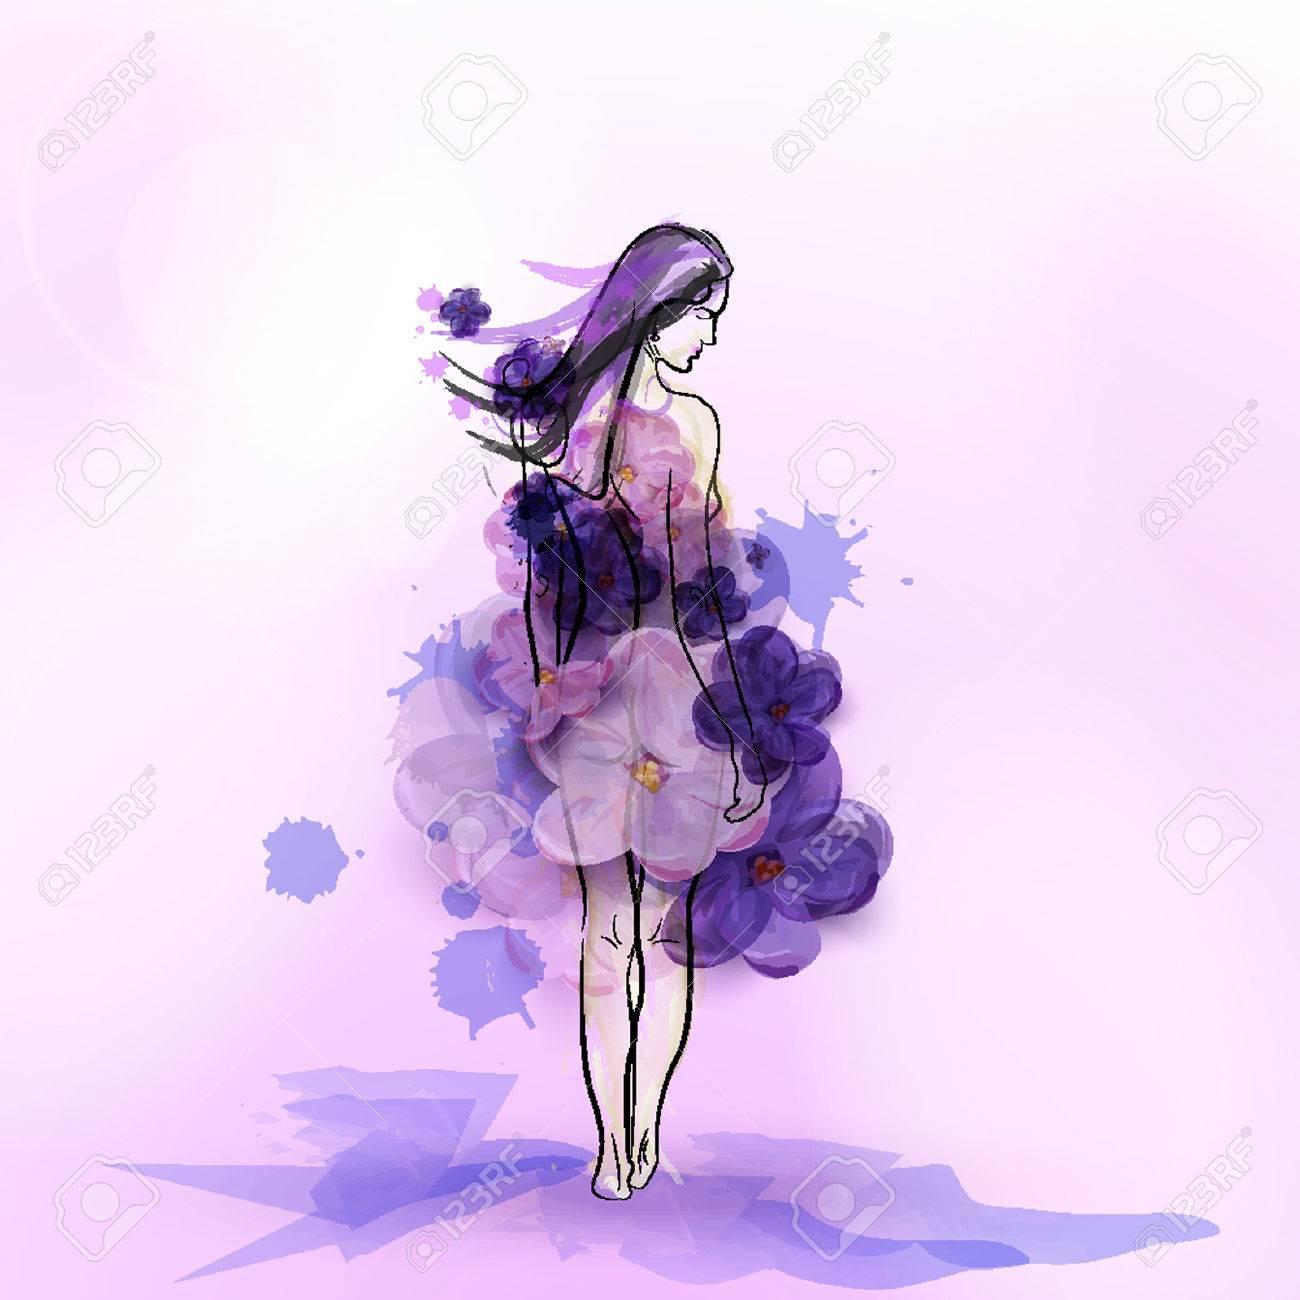 ライラックの花のドレスの女の子のシルエット 抽象的なベクトル イラスト のイラスト素材 ベクタ Image